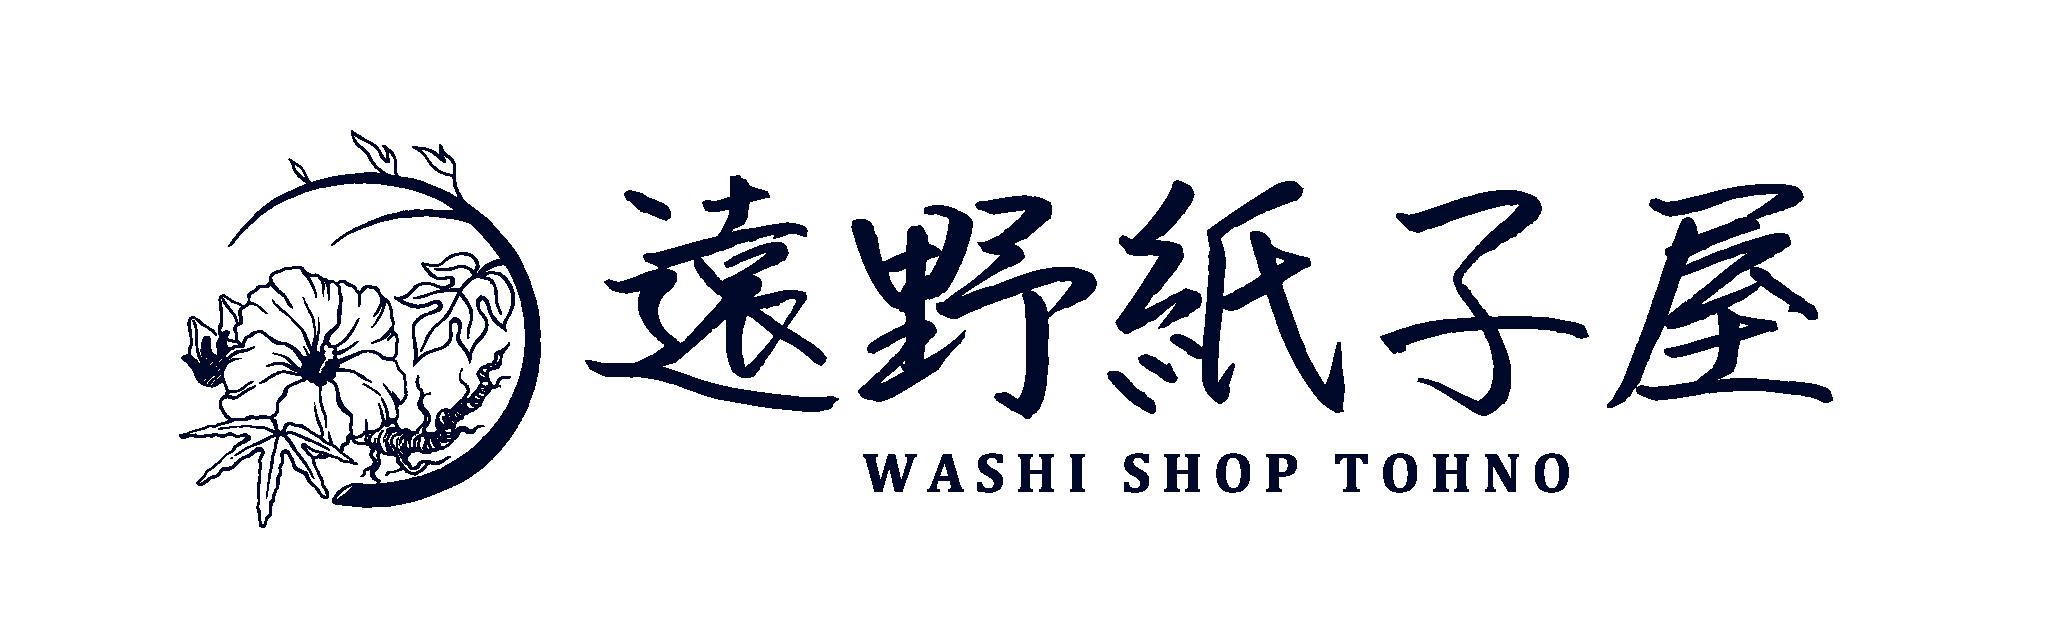 遠野紙子屋/遠野和紙 TohnoWashi